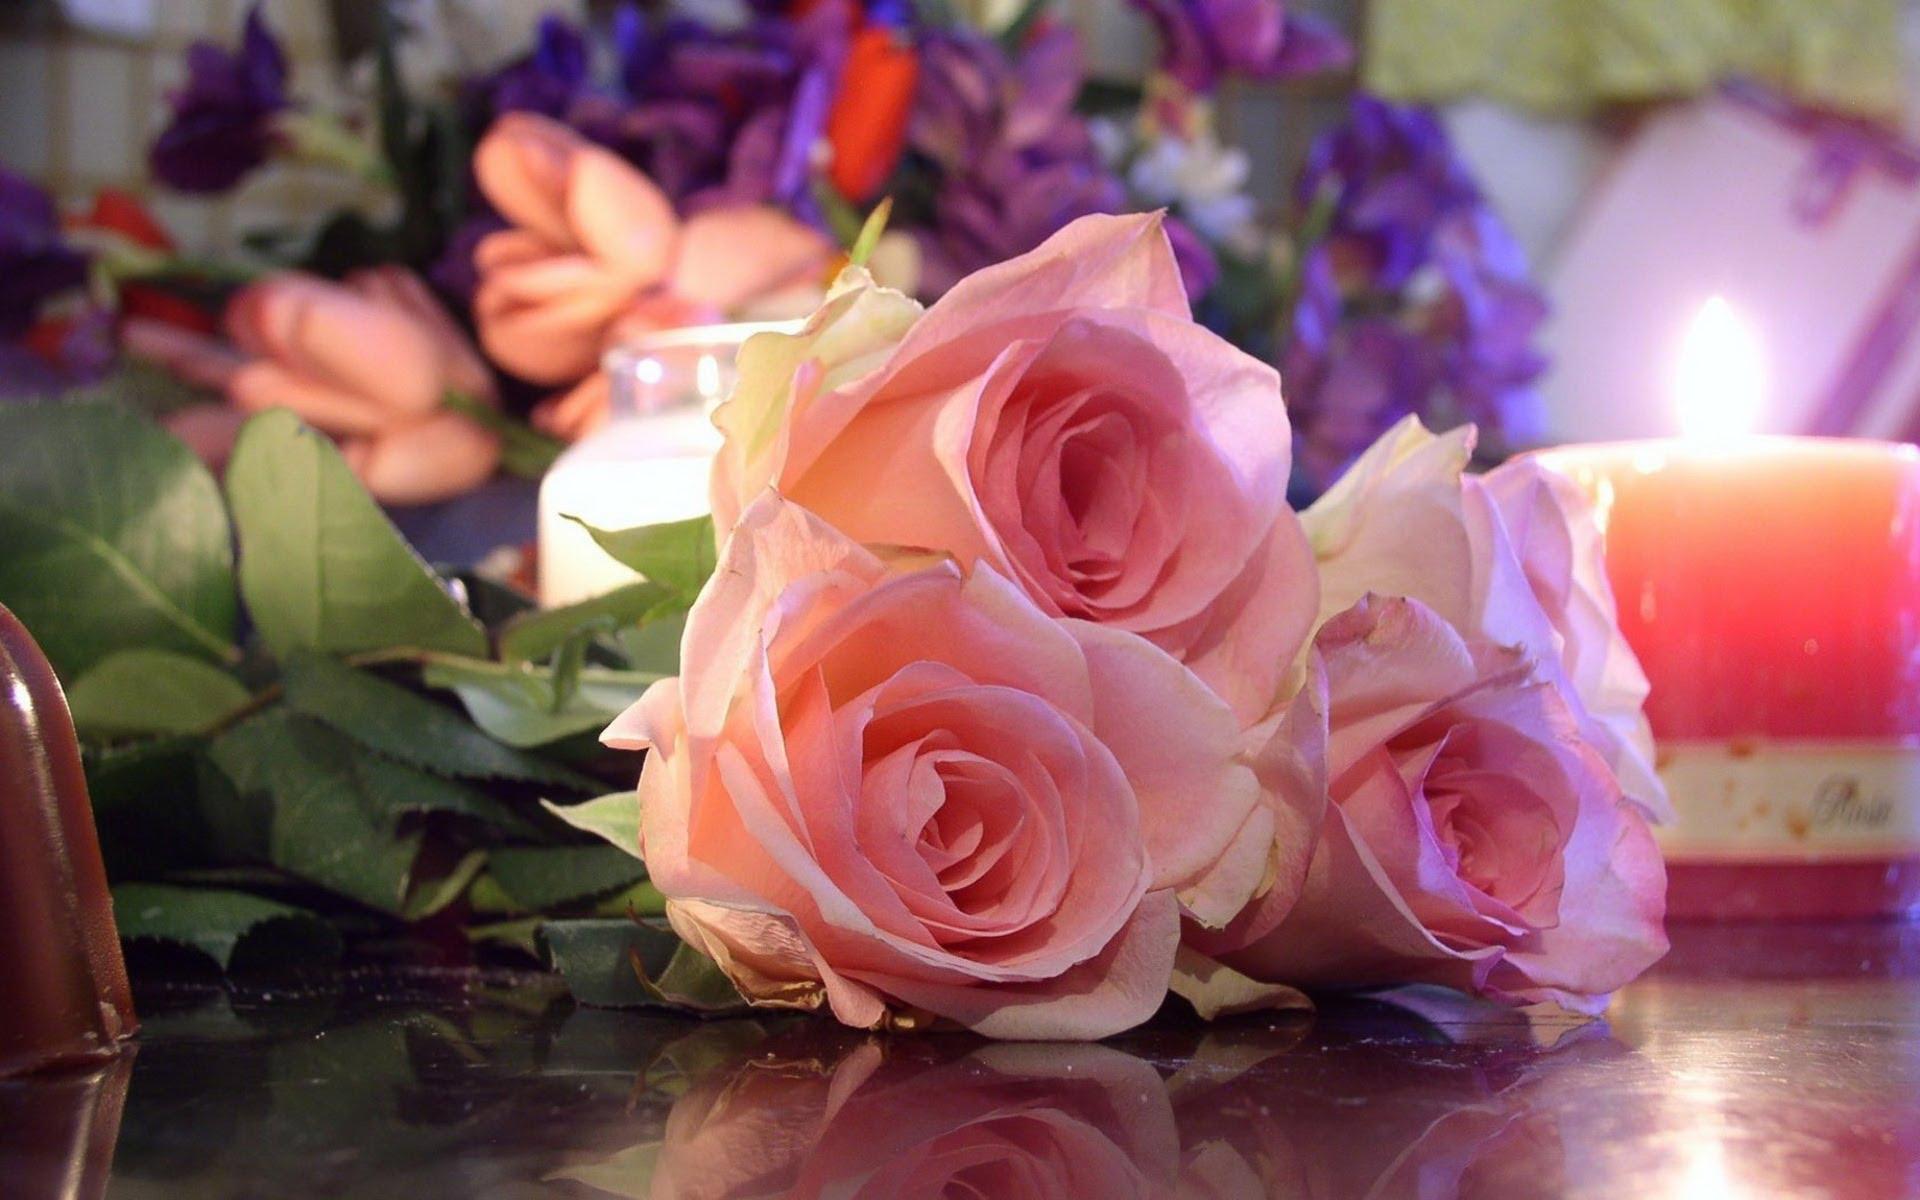 بالصور صور ورد خلفيات , فنون اختيار الخلفيات الطبيعيه و الورود 636 7